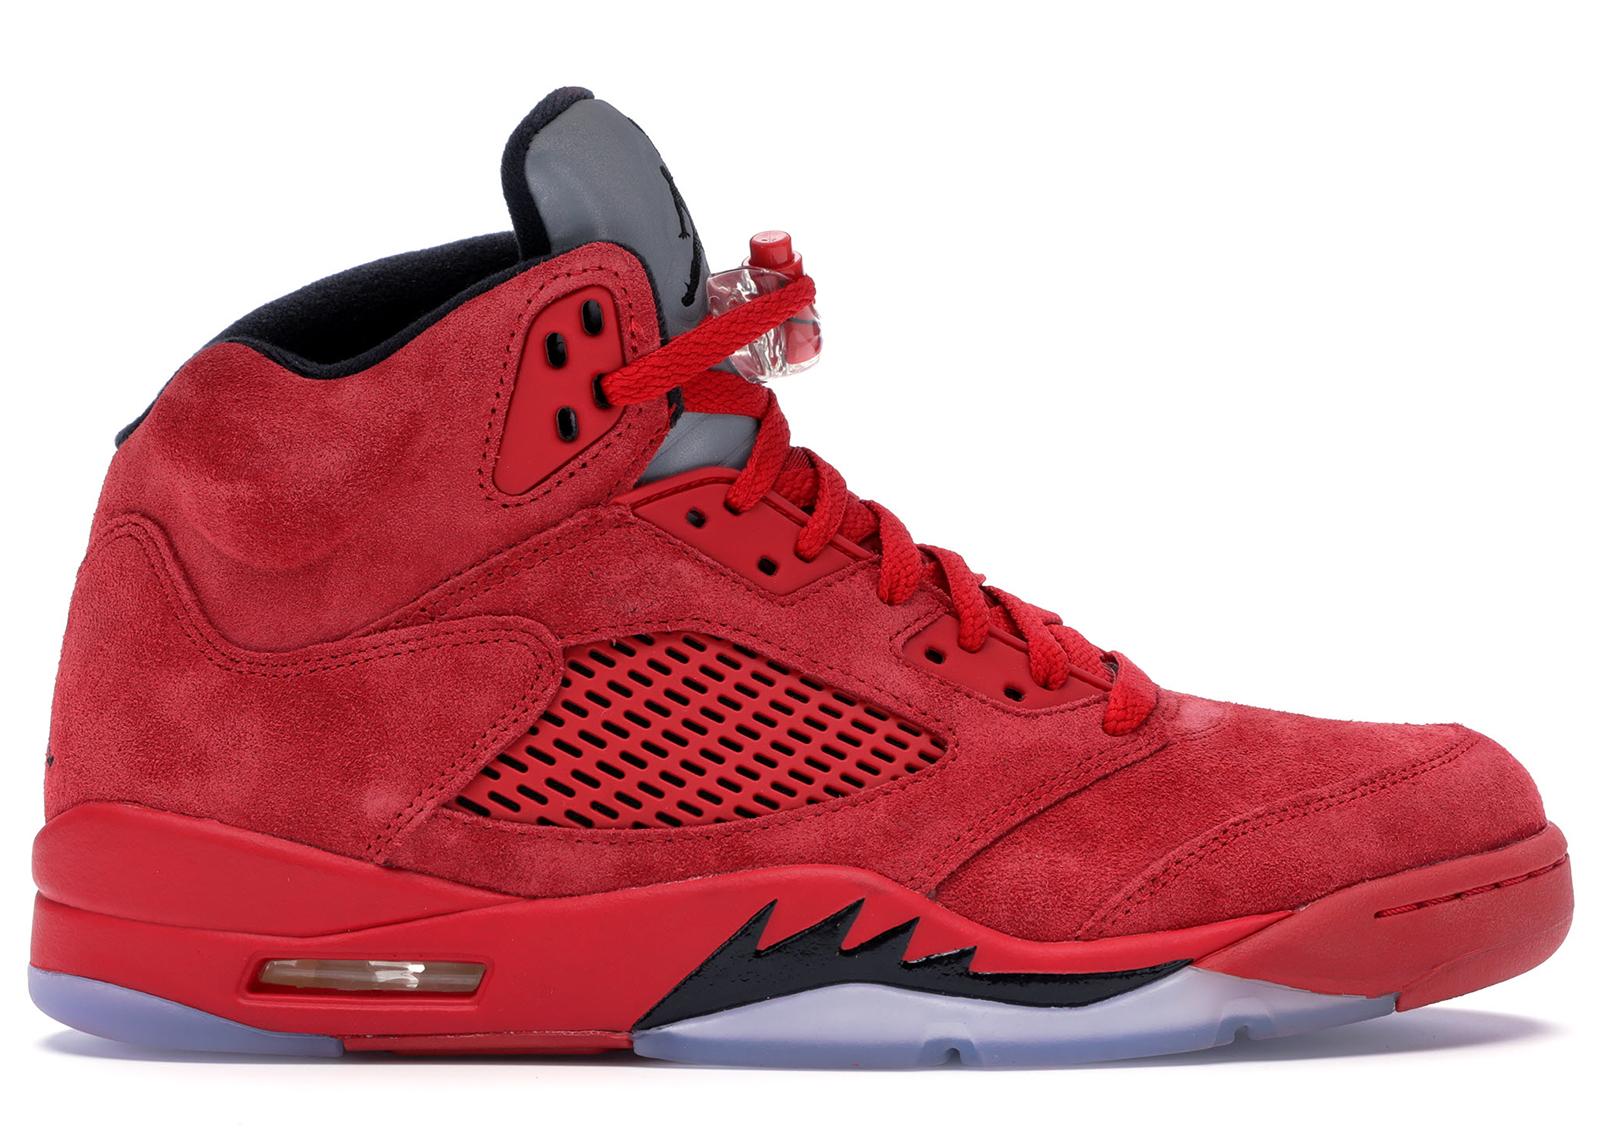 Air Jordan 5 Retro 'Raging Bull Red Suede'